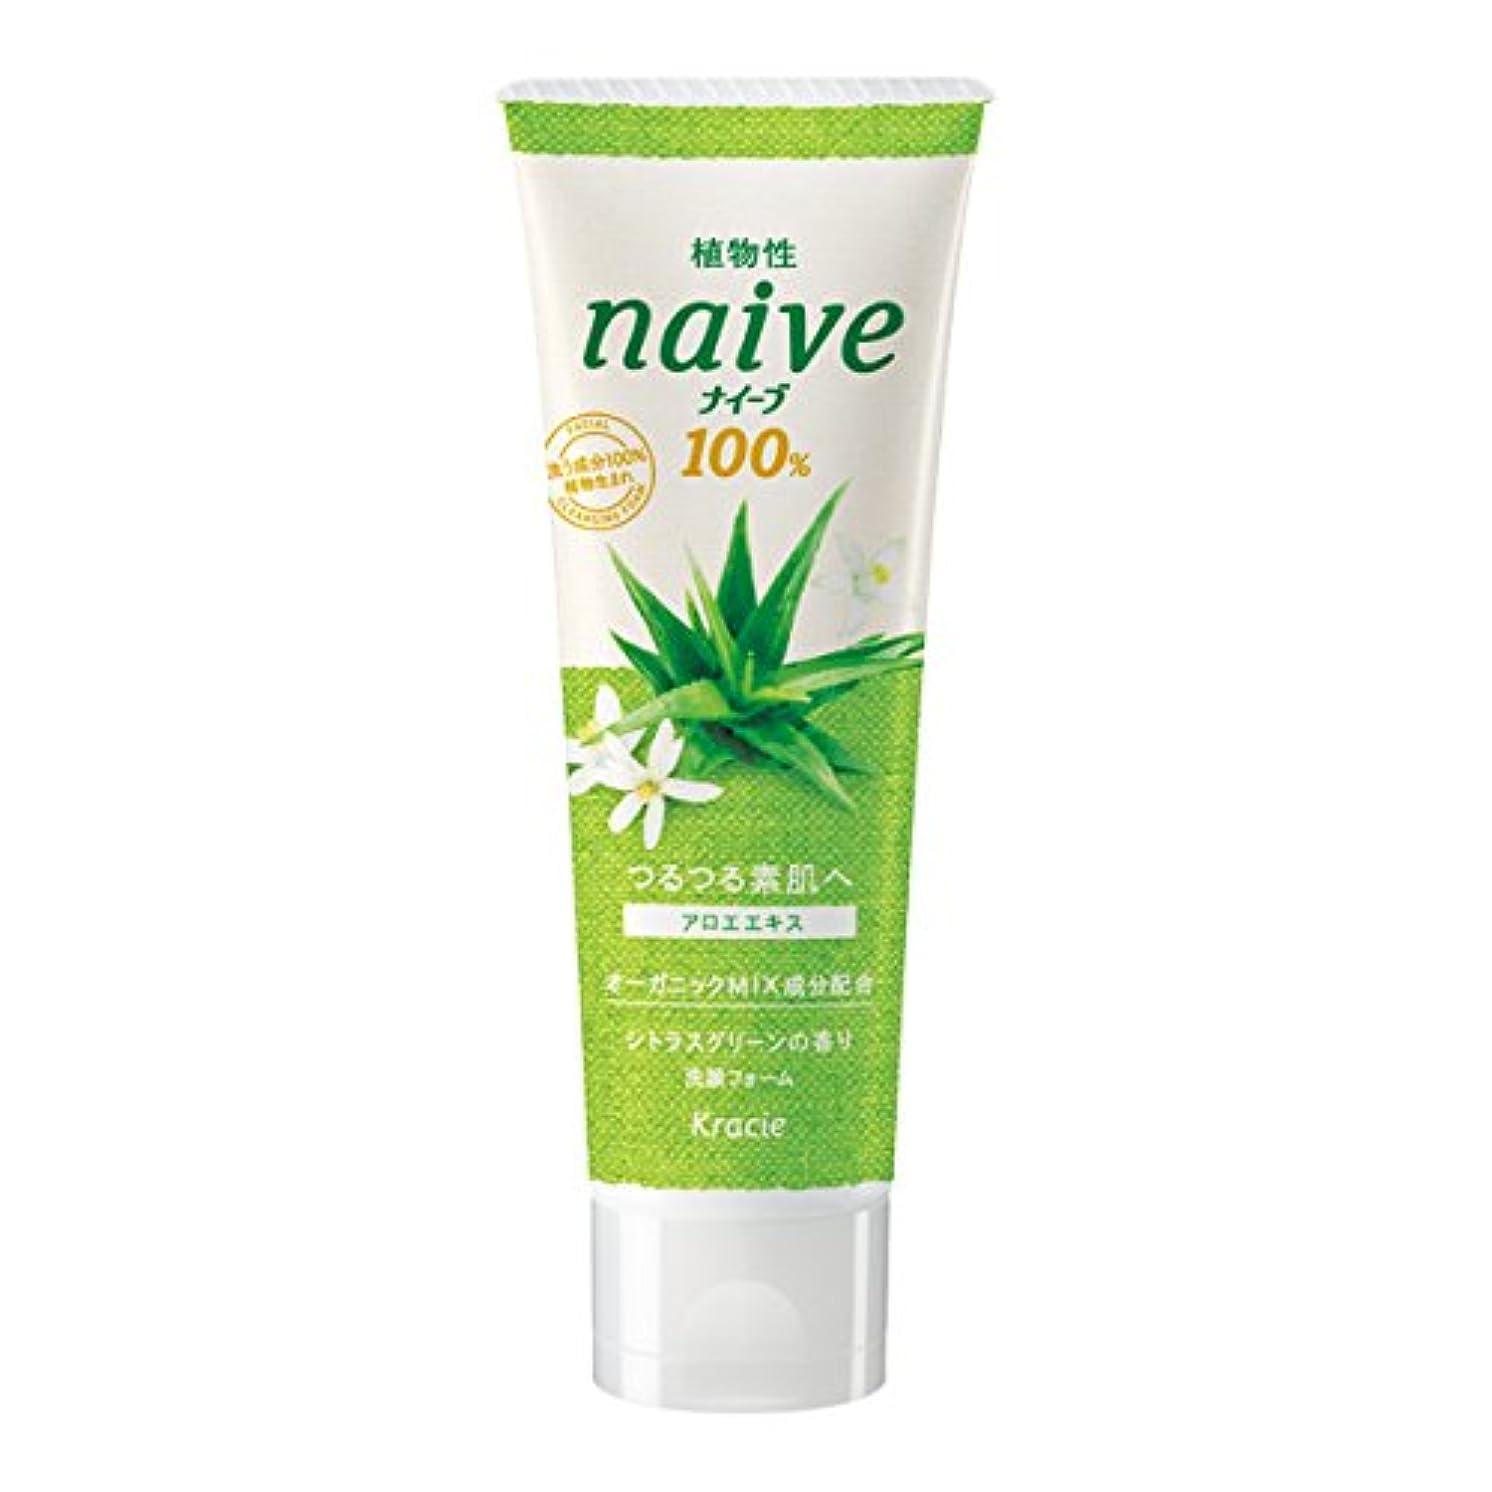 麦芽ブースト妨げるナイーブ 洗顔フォーム アロエエキス配合 シトラスグリーンの香り 110g